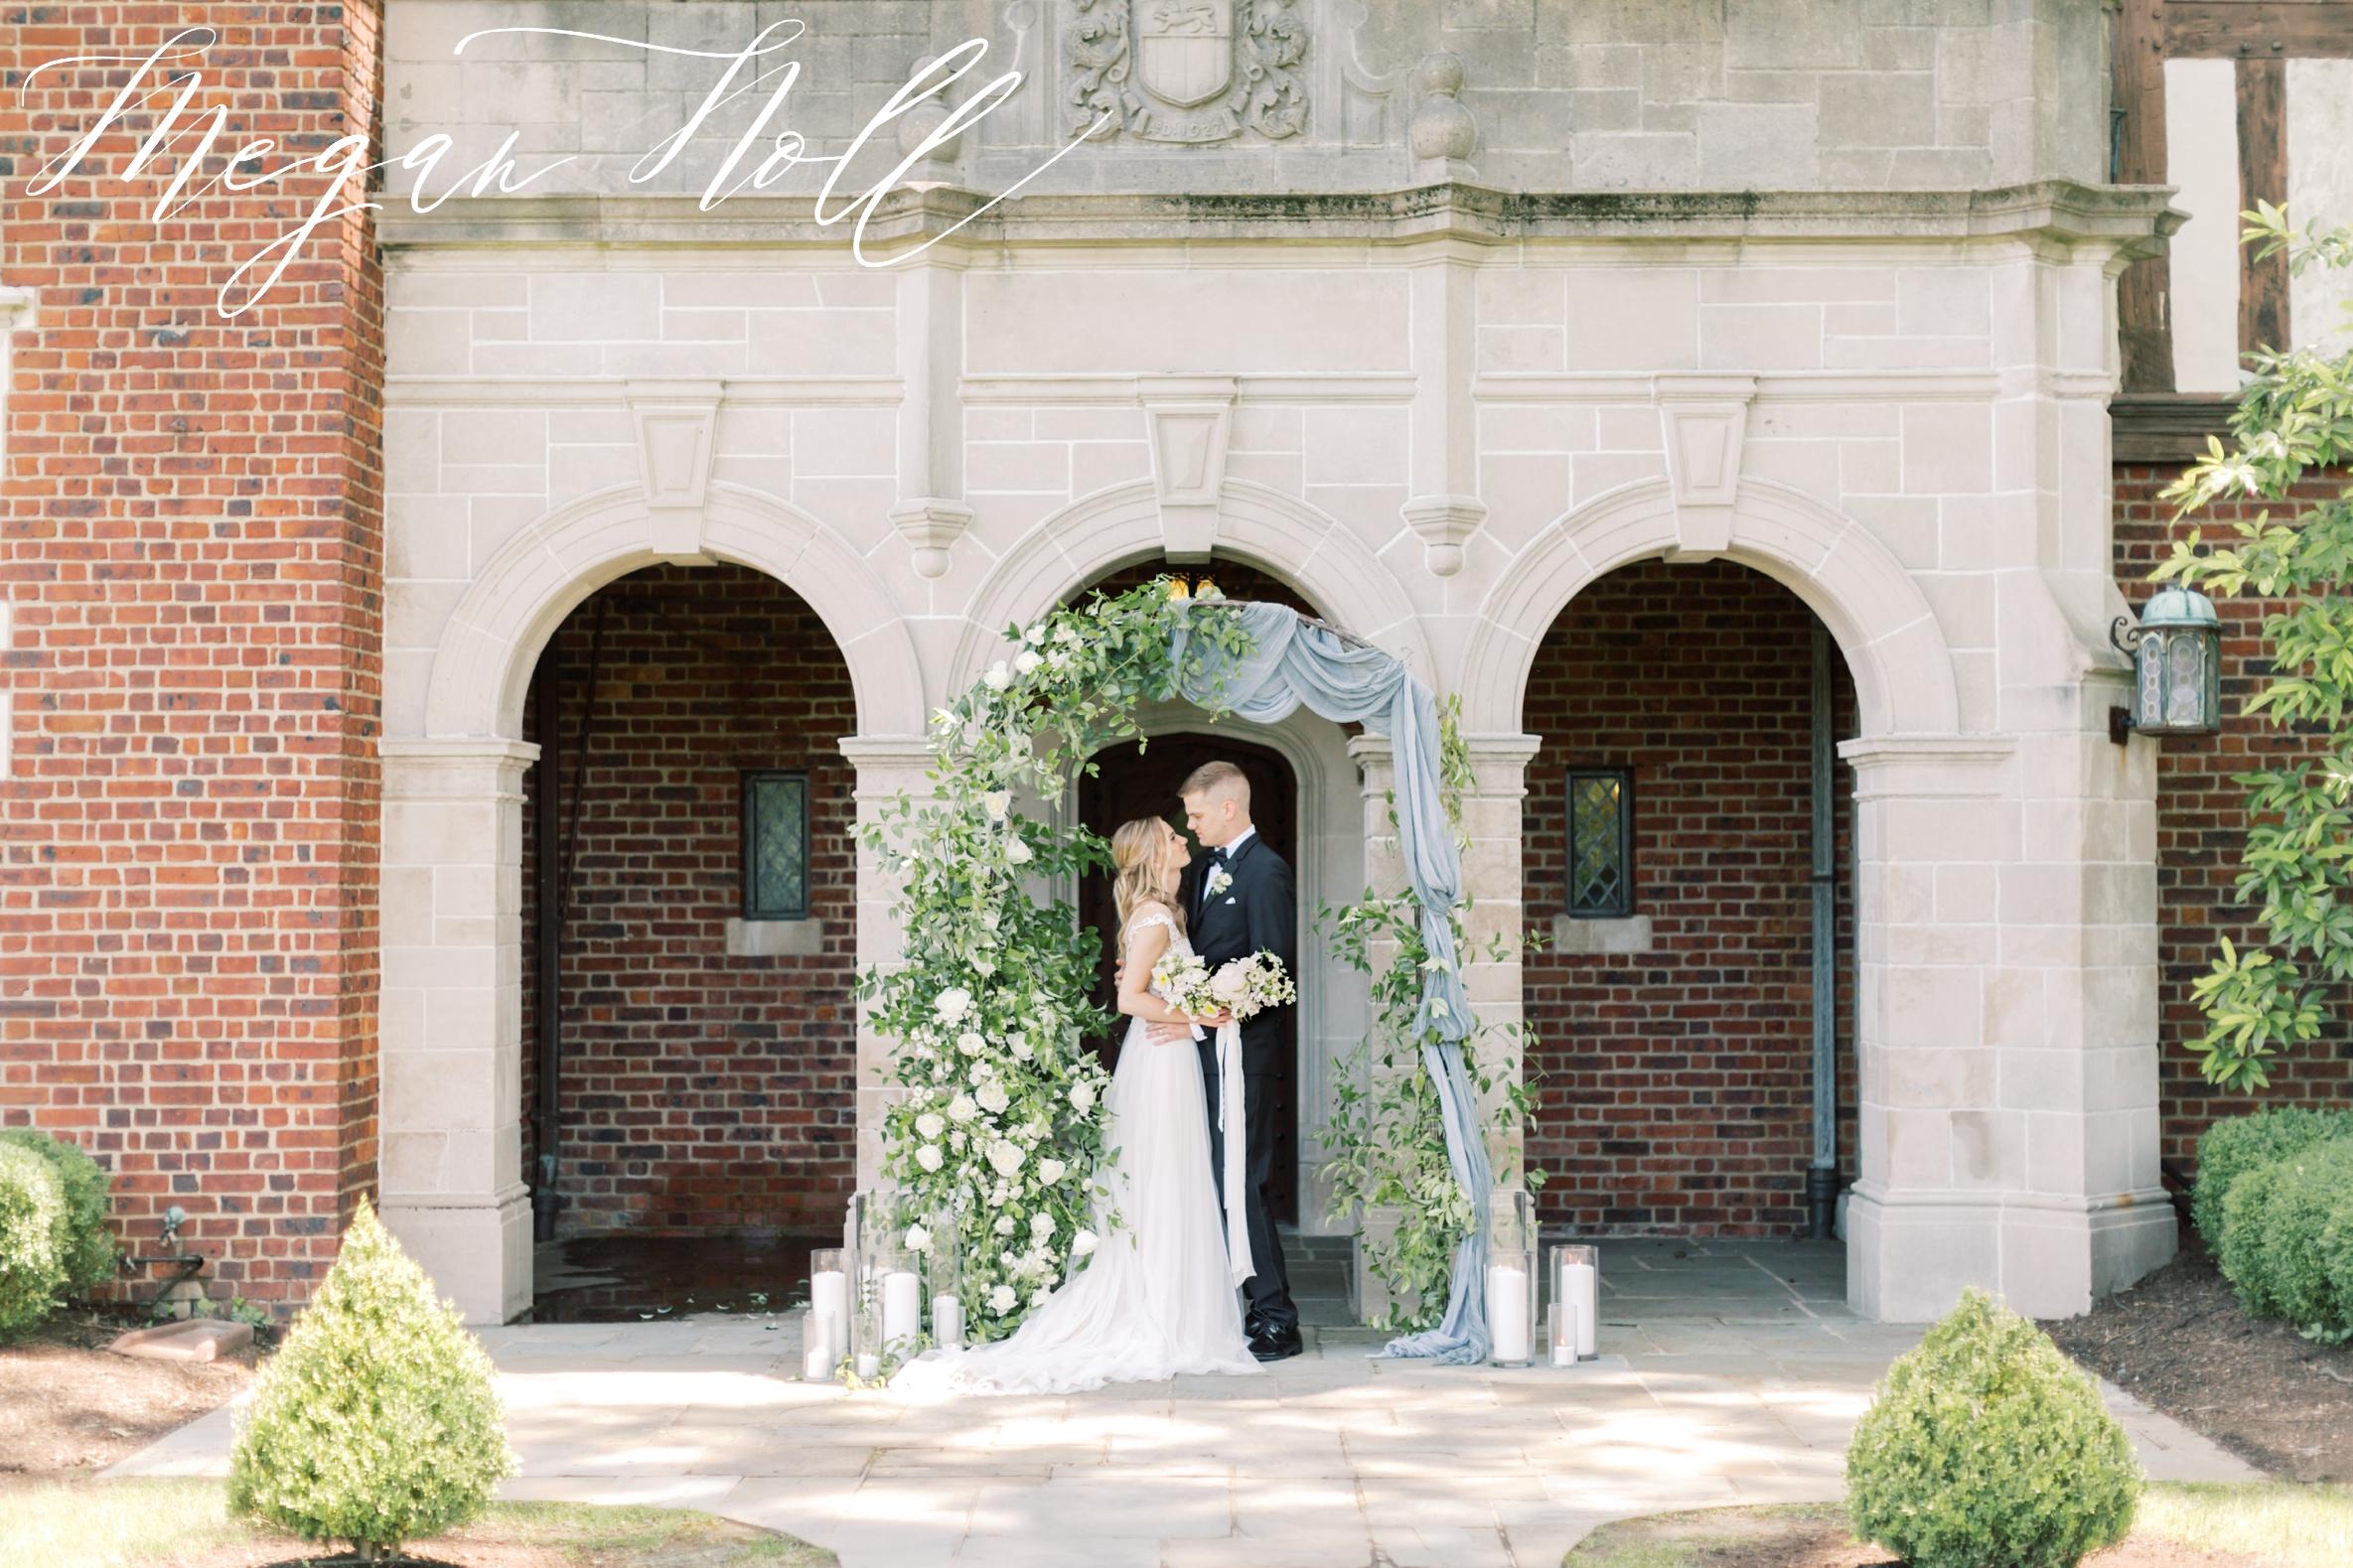 Pinecroft Estate Wedding Ceremony